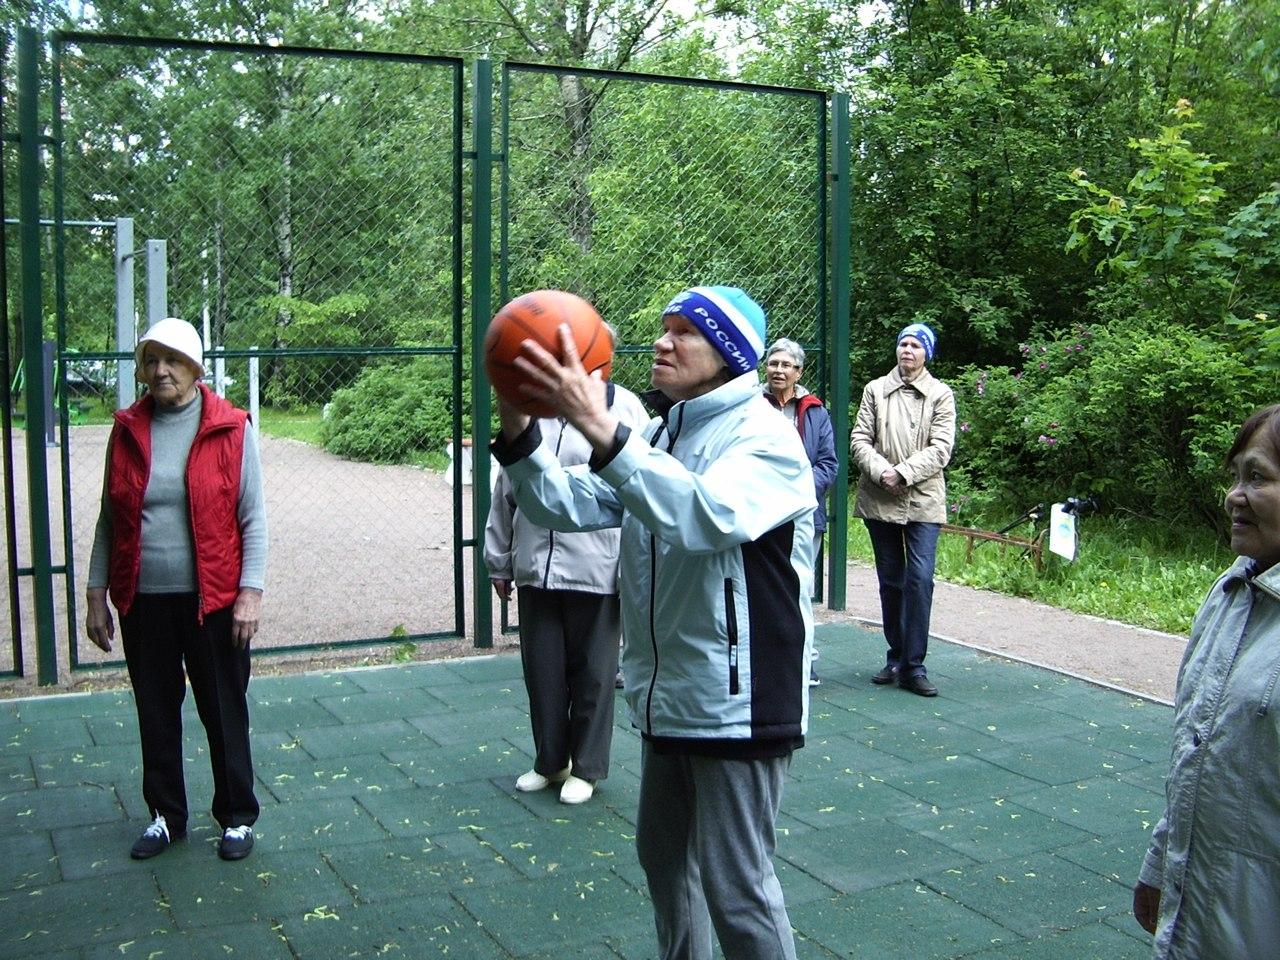 Тренировка группы здоровья Возрождение и броски мяча в кольцо.